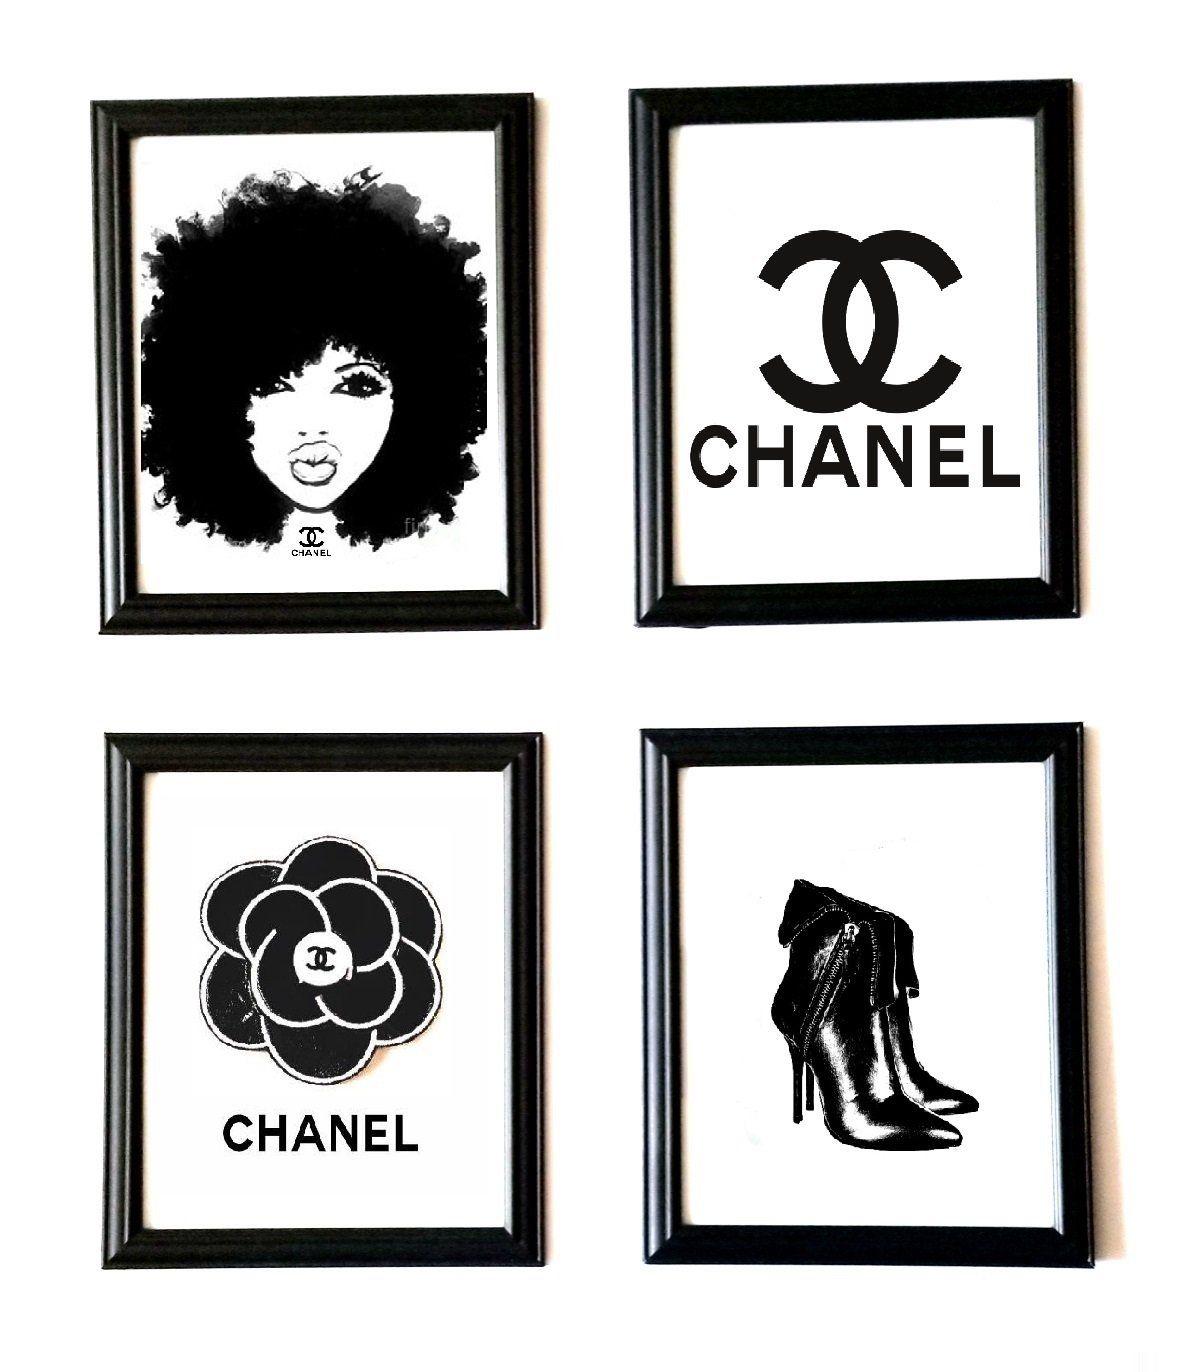 Coco Chanel Wall Decor Coco Chanel Art Coco Chanel Wall Art Shop Fame Chanel Wall Art Chanel Wall Decor Logo Wall